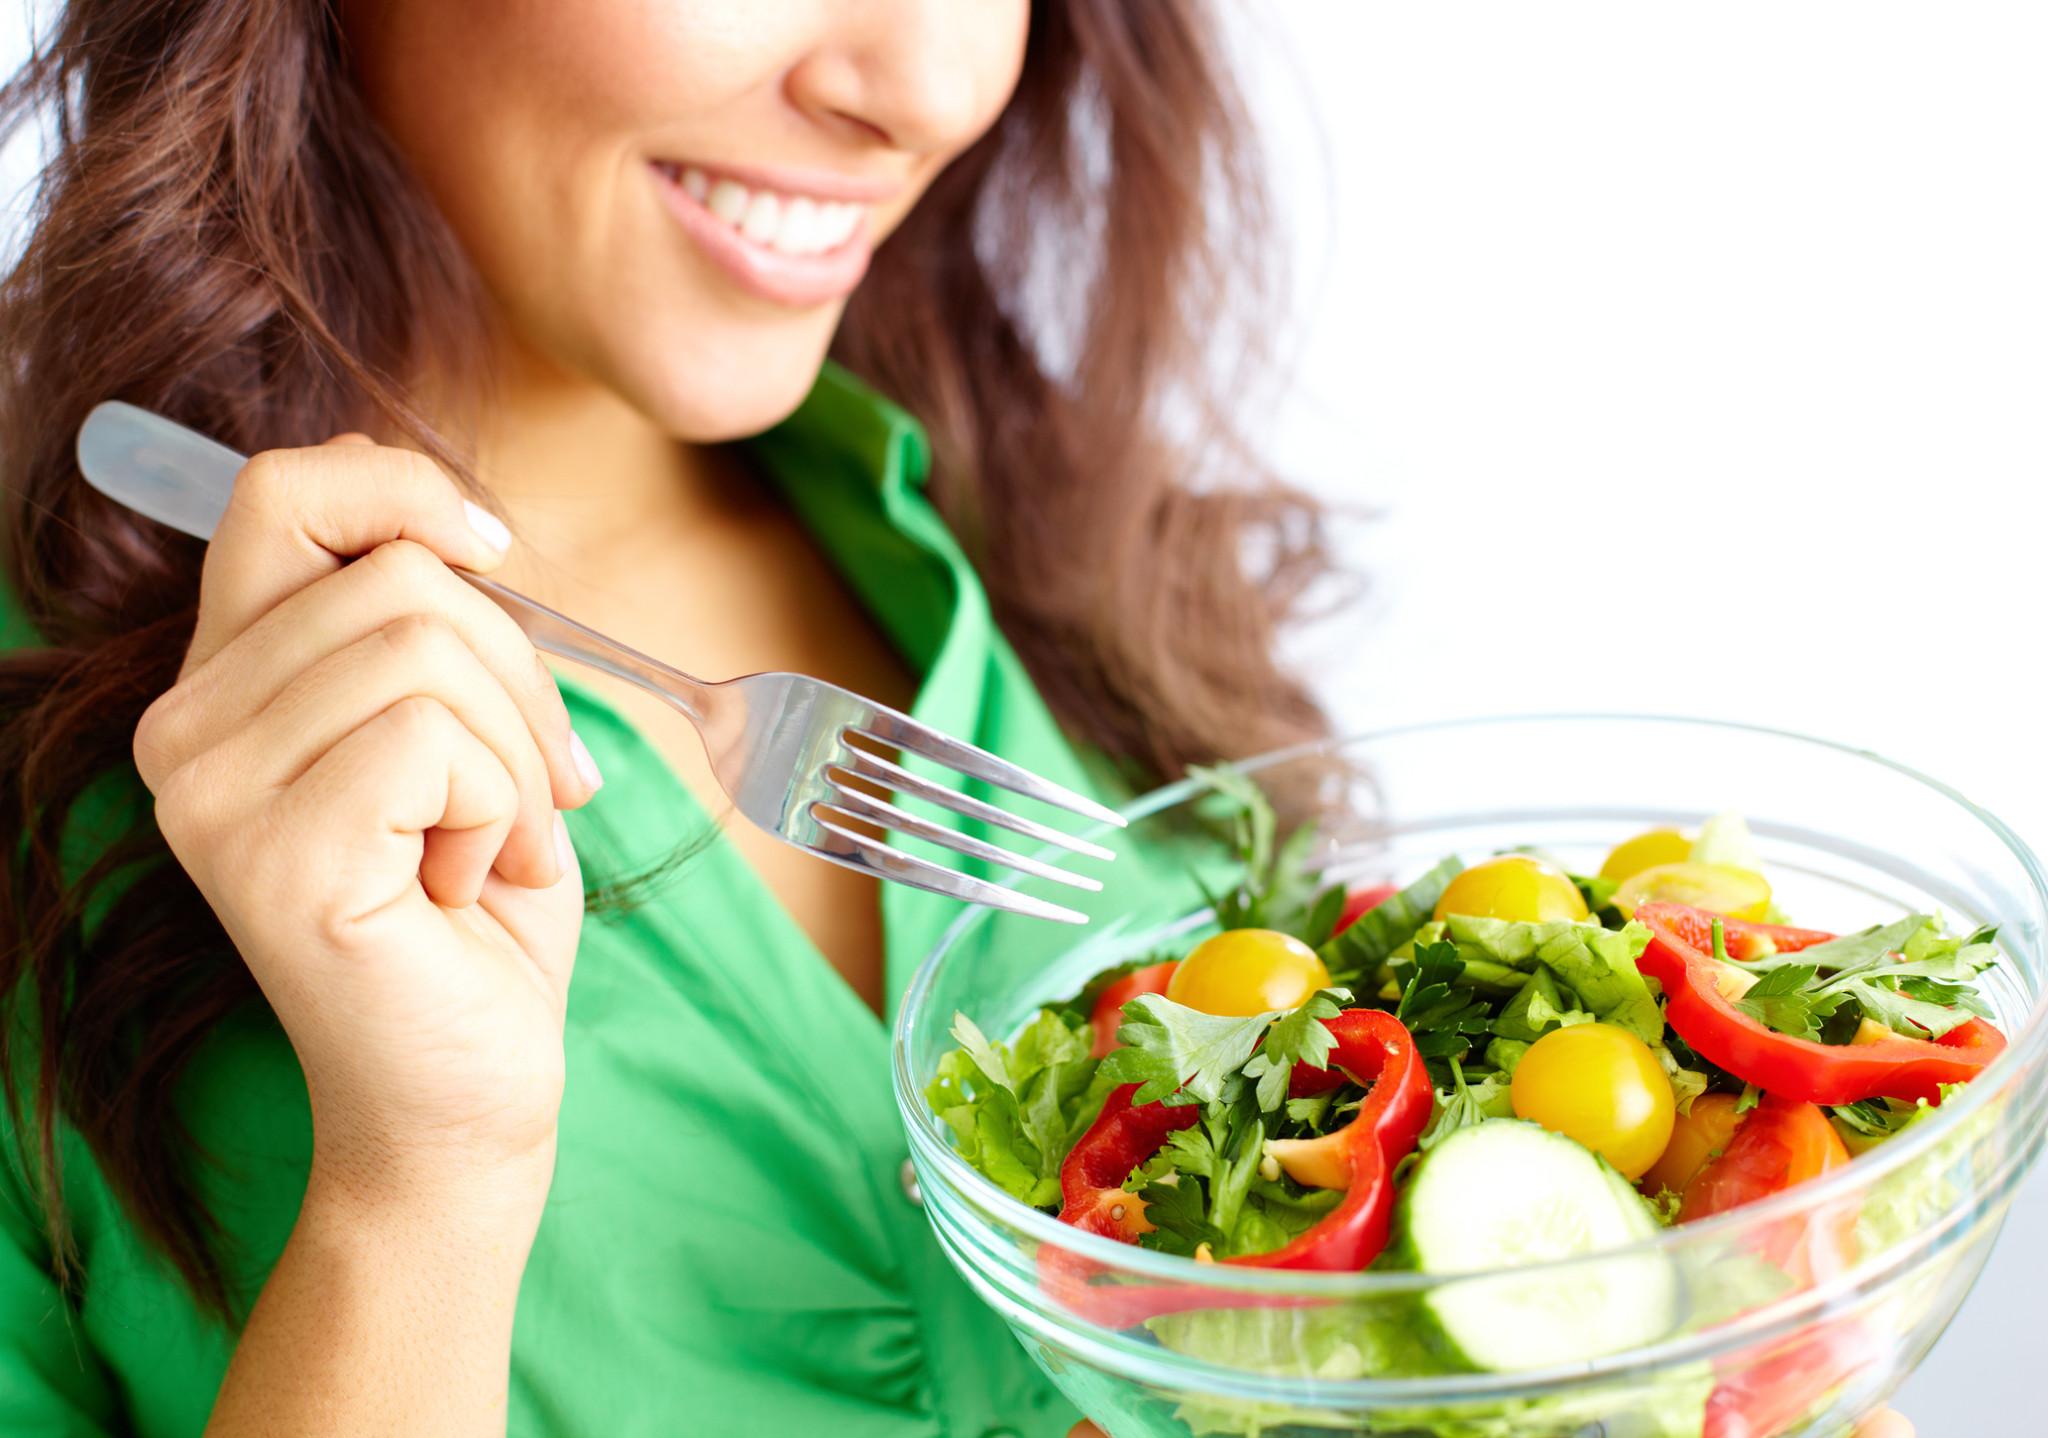 تغذیه سالم در پیشگیری از کرونا موثر است؟